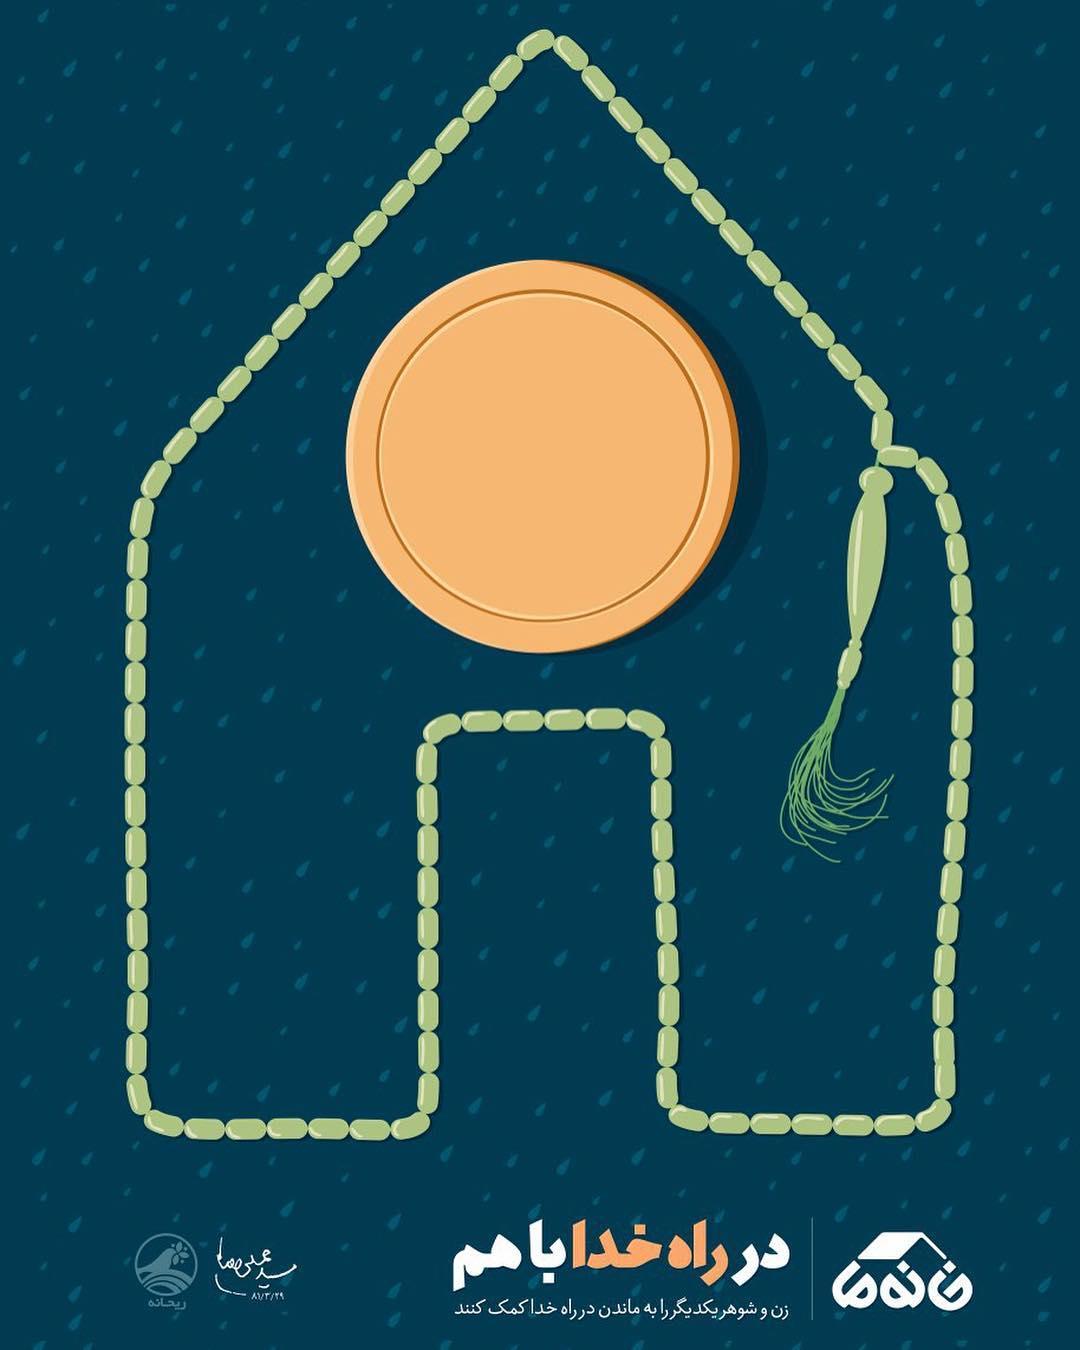 مجموعه طرح خانه ما-قسمت یکُم.jpg (1080×1350)